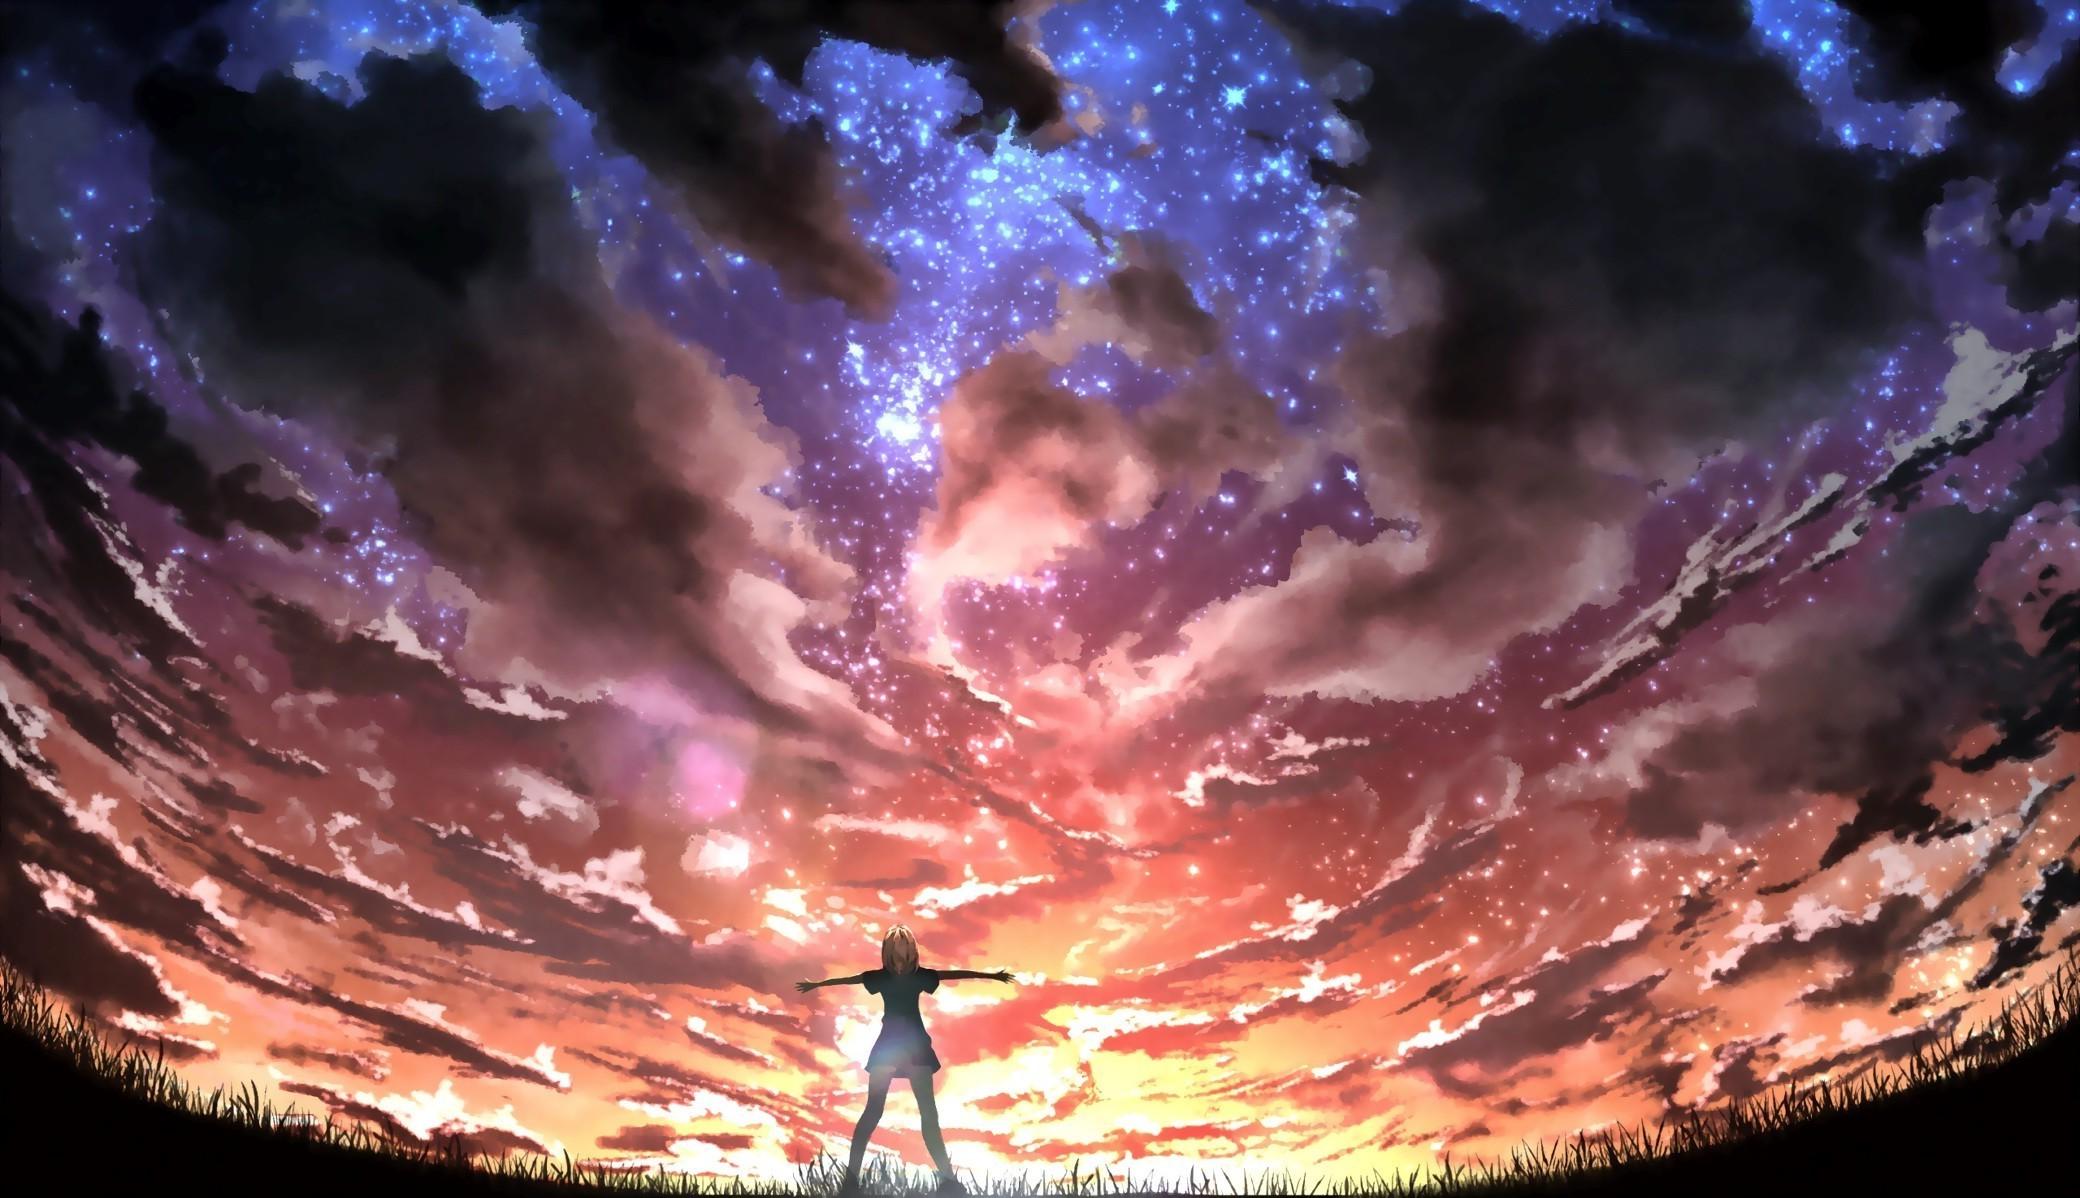 Desktop Wallpaper Hd 3d Full Screen God Digital Art Sky Anime Girls Anime Artwork Wallpapers